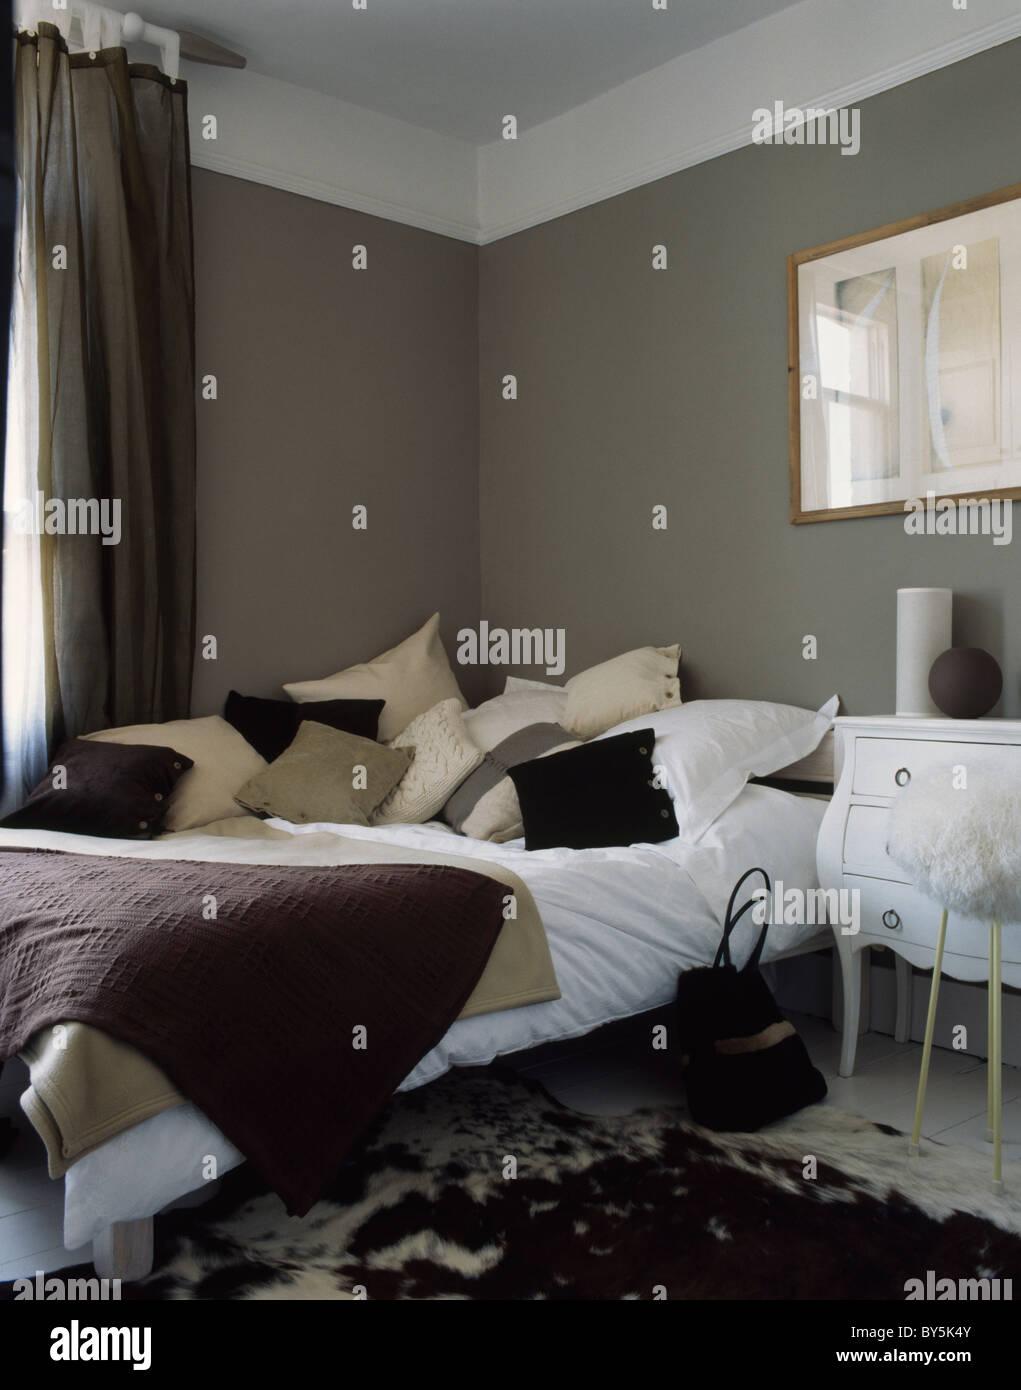 Creme Und Beige Kissen Auf Dem Bett Mit Weißen Bettwäsche In Dunklen Grauen  Reihenhaus Schlafzimmer